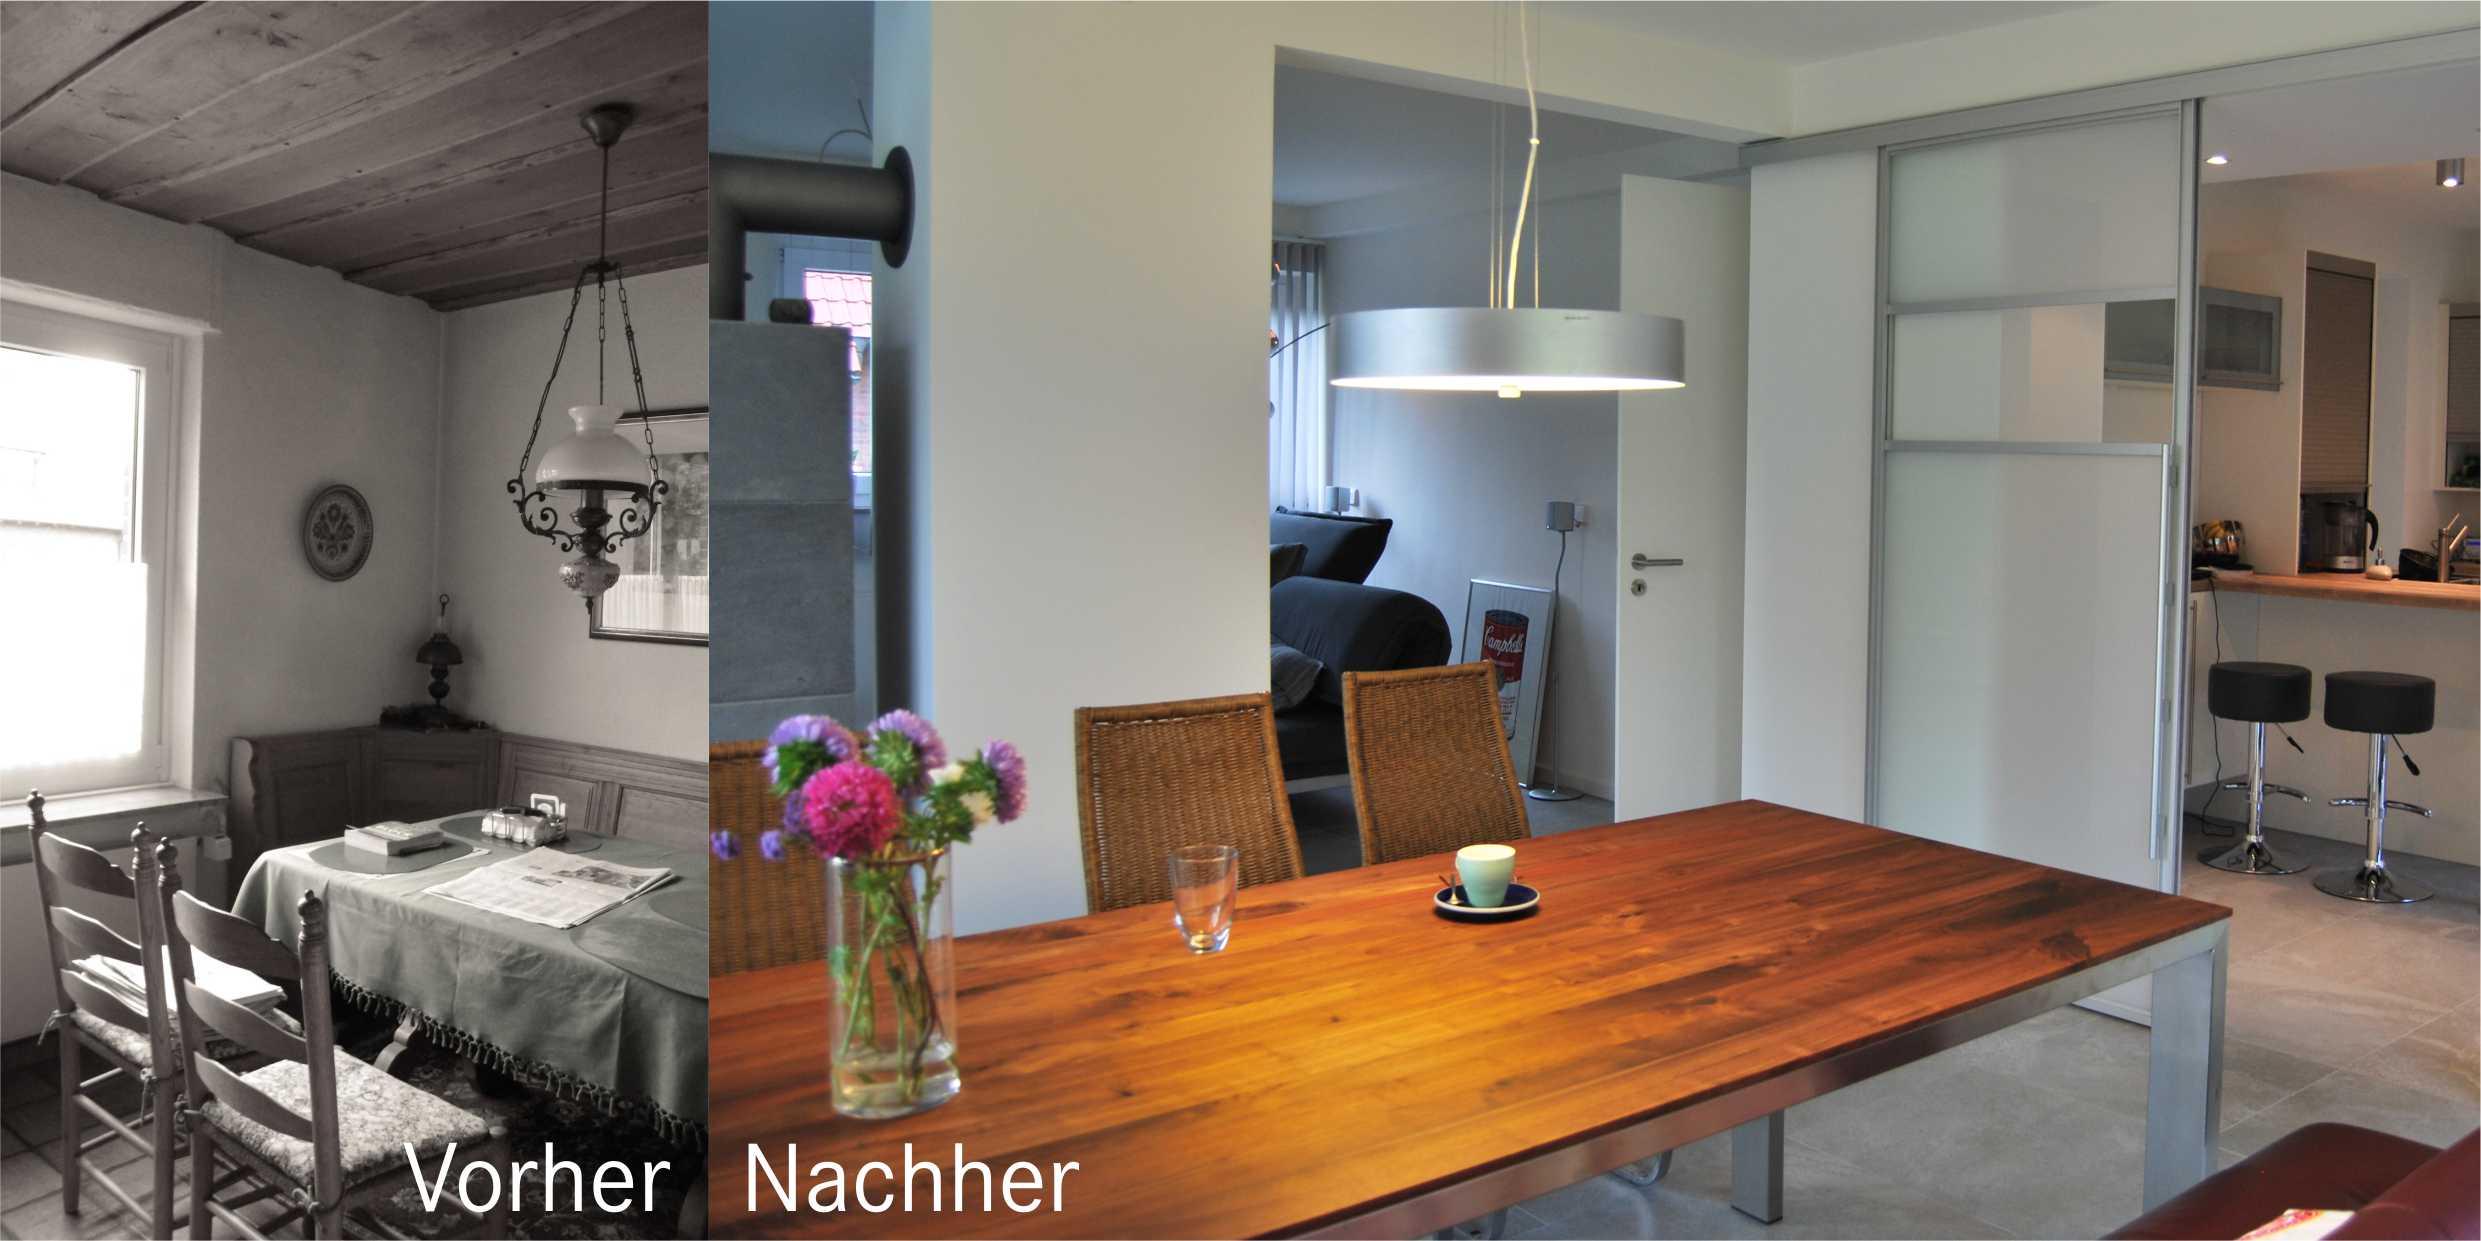 Haus Umbauen Vorher Nachher kostenloser energie check bei pauer gmbh 48157 münster